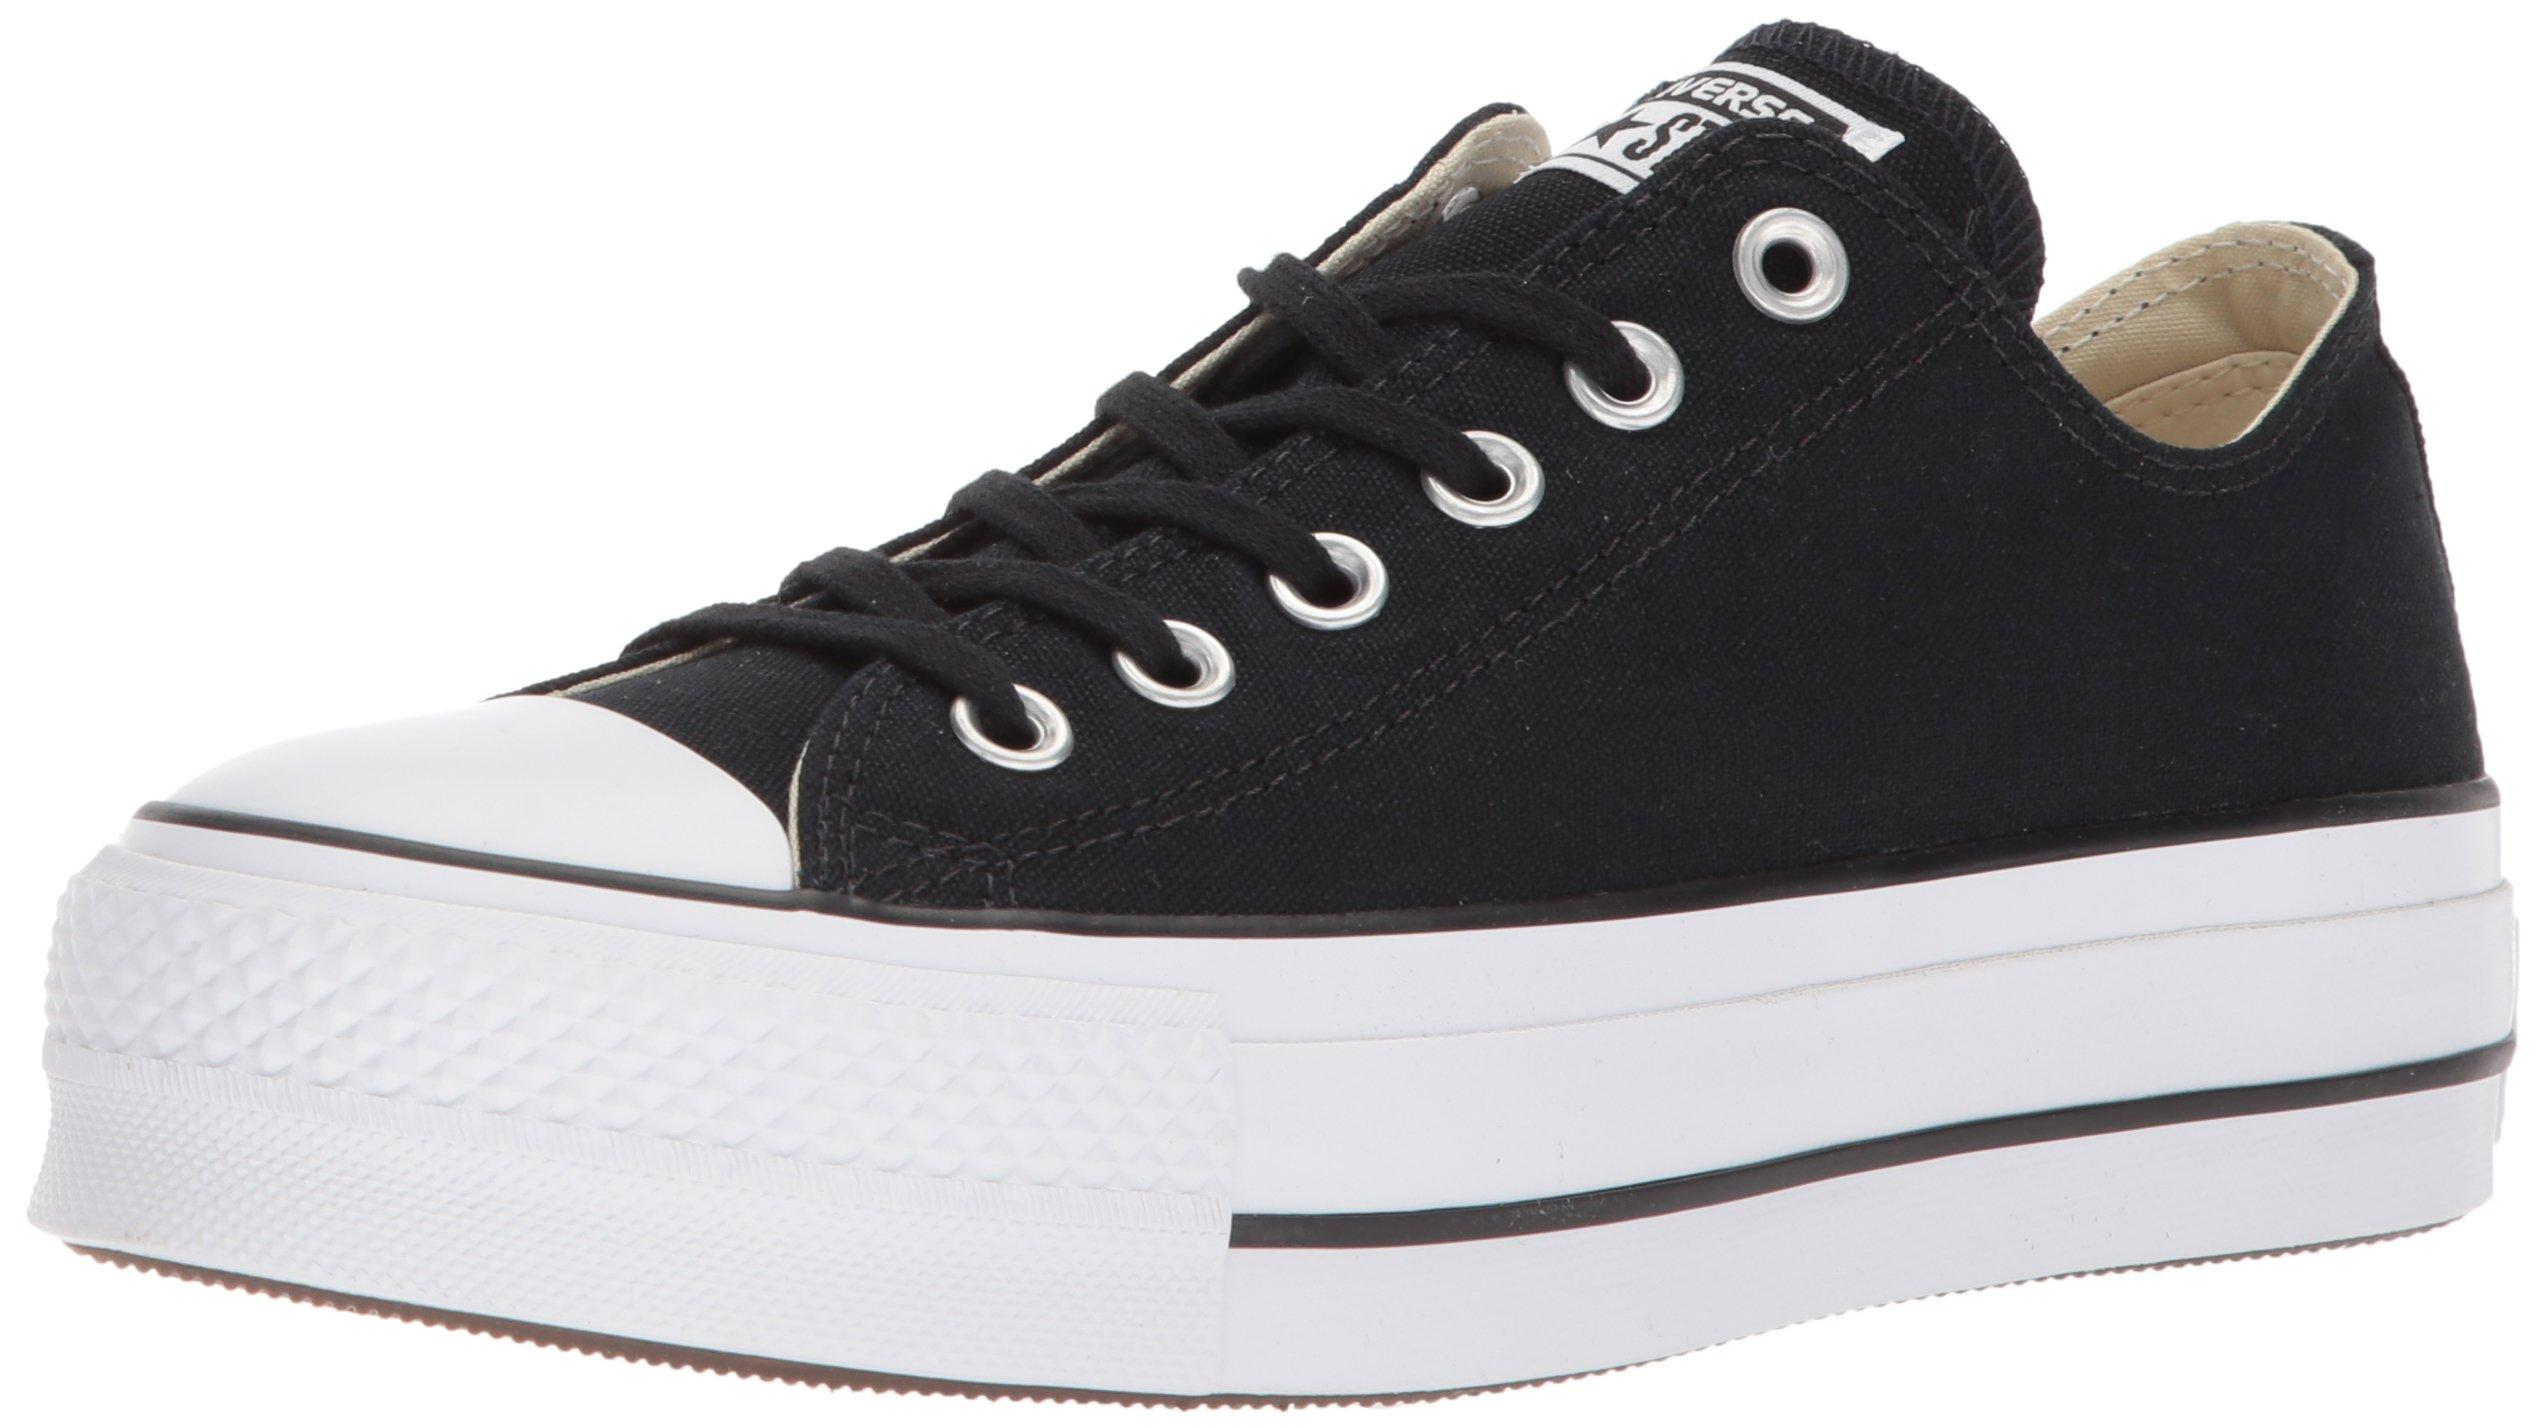 Converse Women's Lift Canvas Low Top Sneaker, Black/White/White, 8 M US